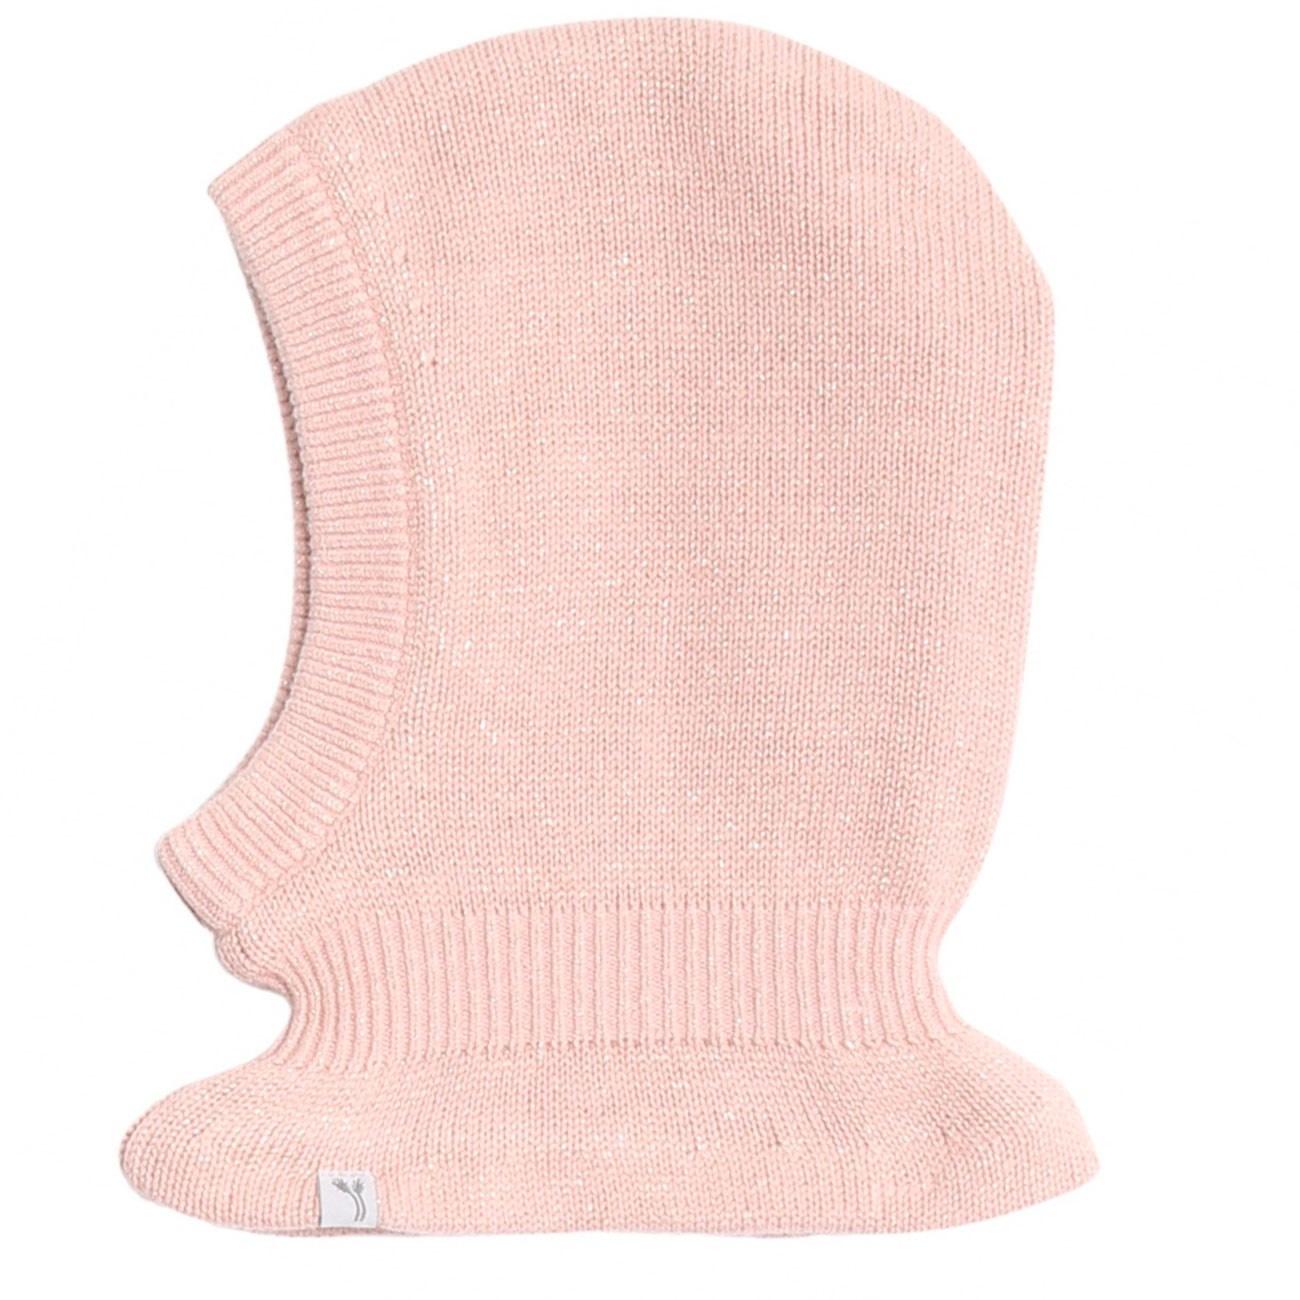 Wheat Knitted Balaclava - powder rose